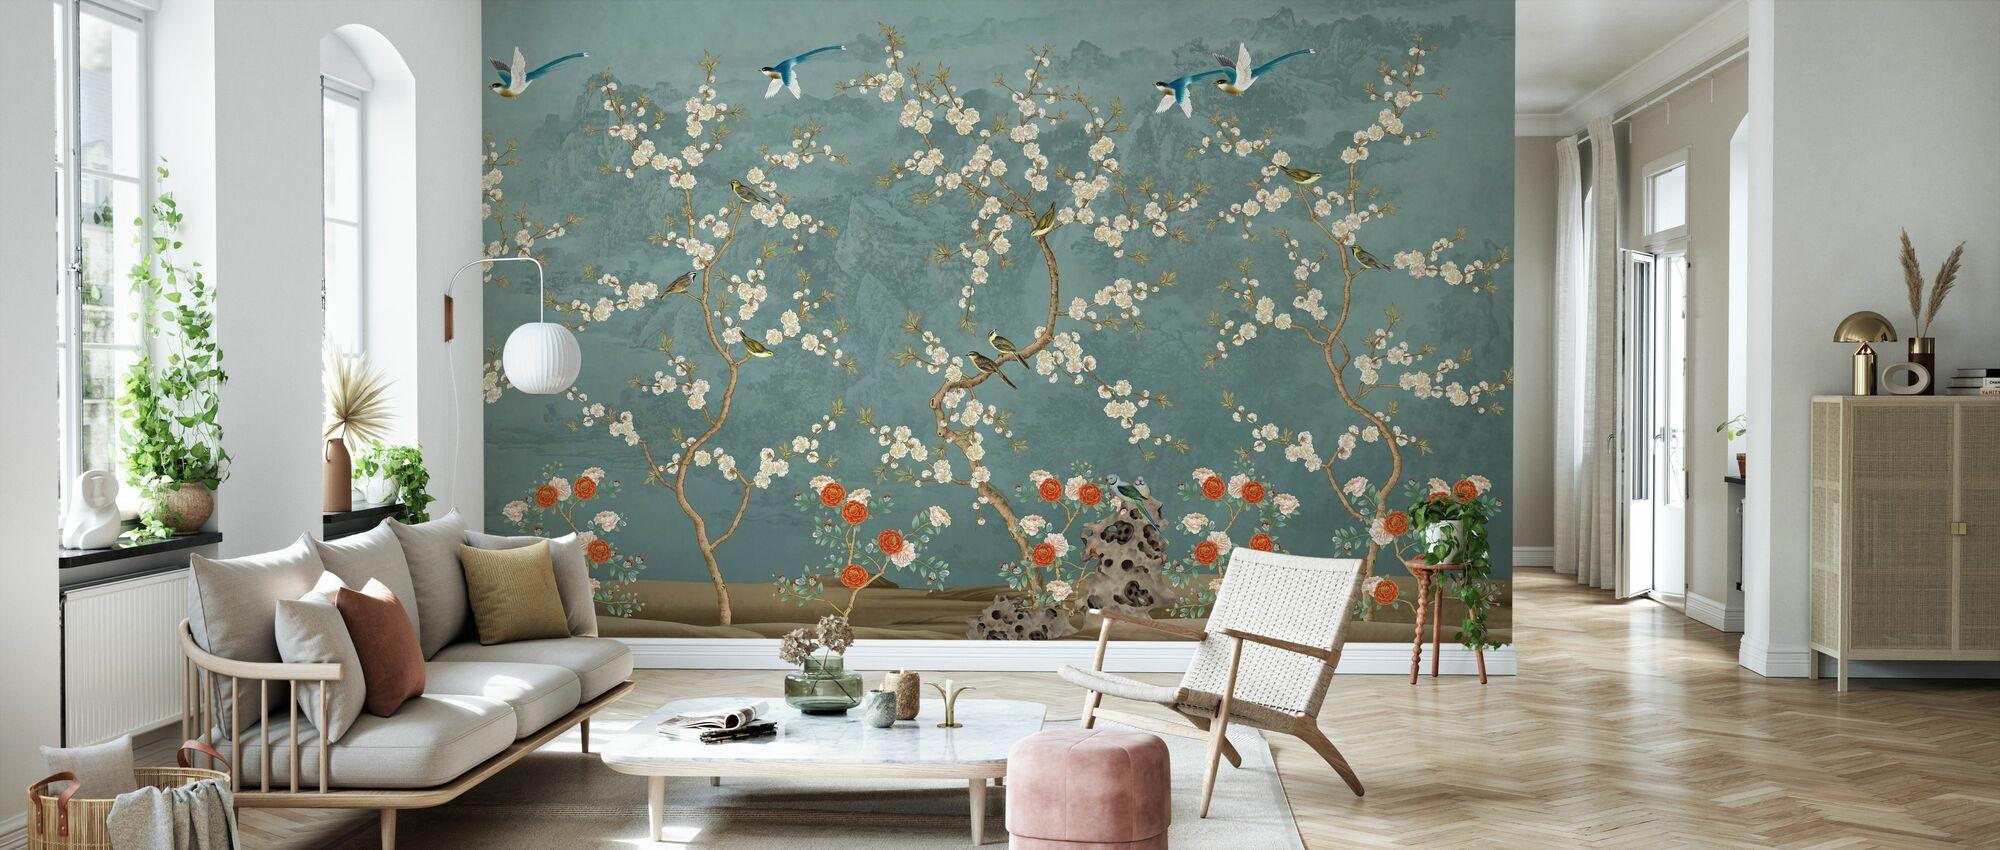 Chinoiserie Garden - Blue - Wallpaper - Living Room